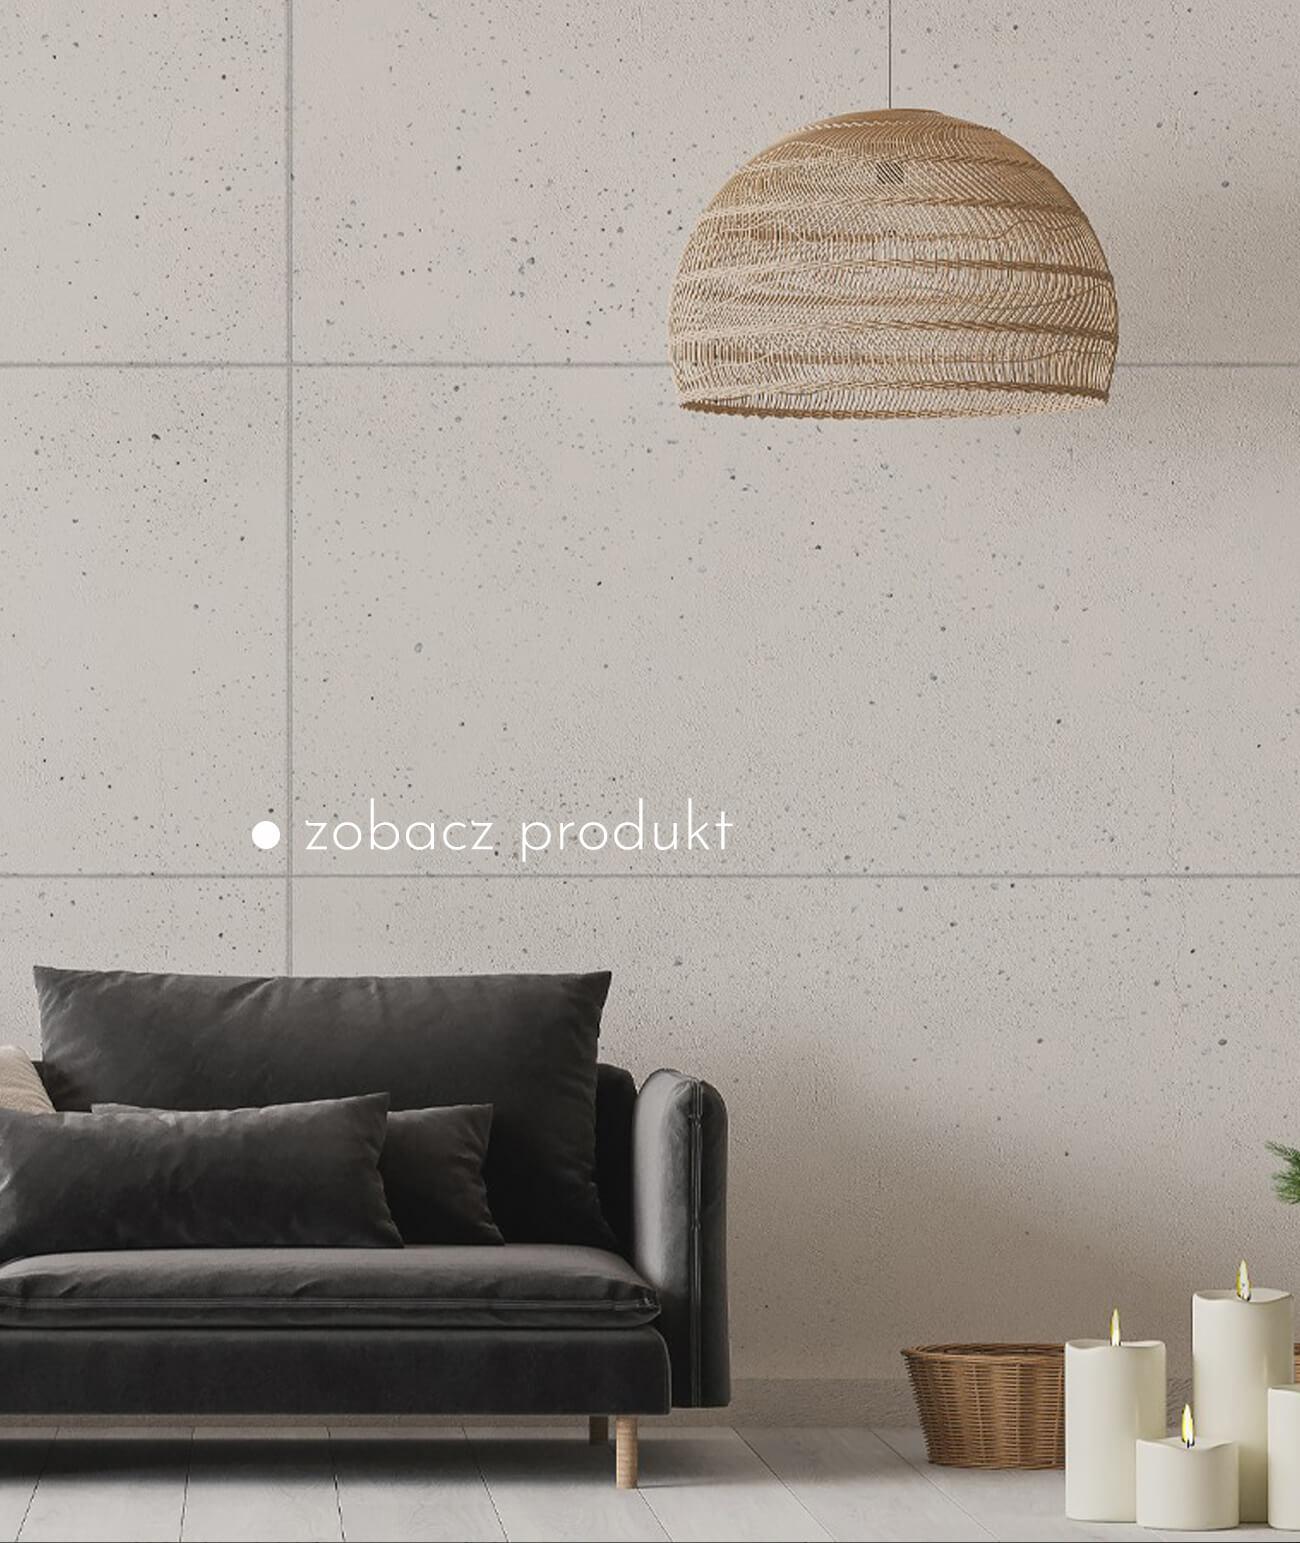 plyty-betonowe-scienne-i-elewacyjne-beton-architektoniczny_666-10498-ks-kosc-sloniowa-plyta-beton-architektoniczny-rozne-wymiary